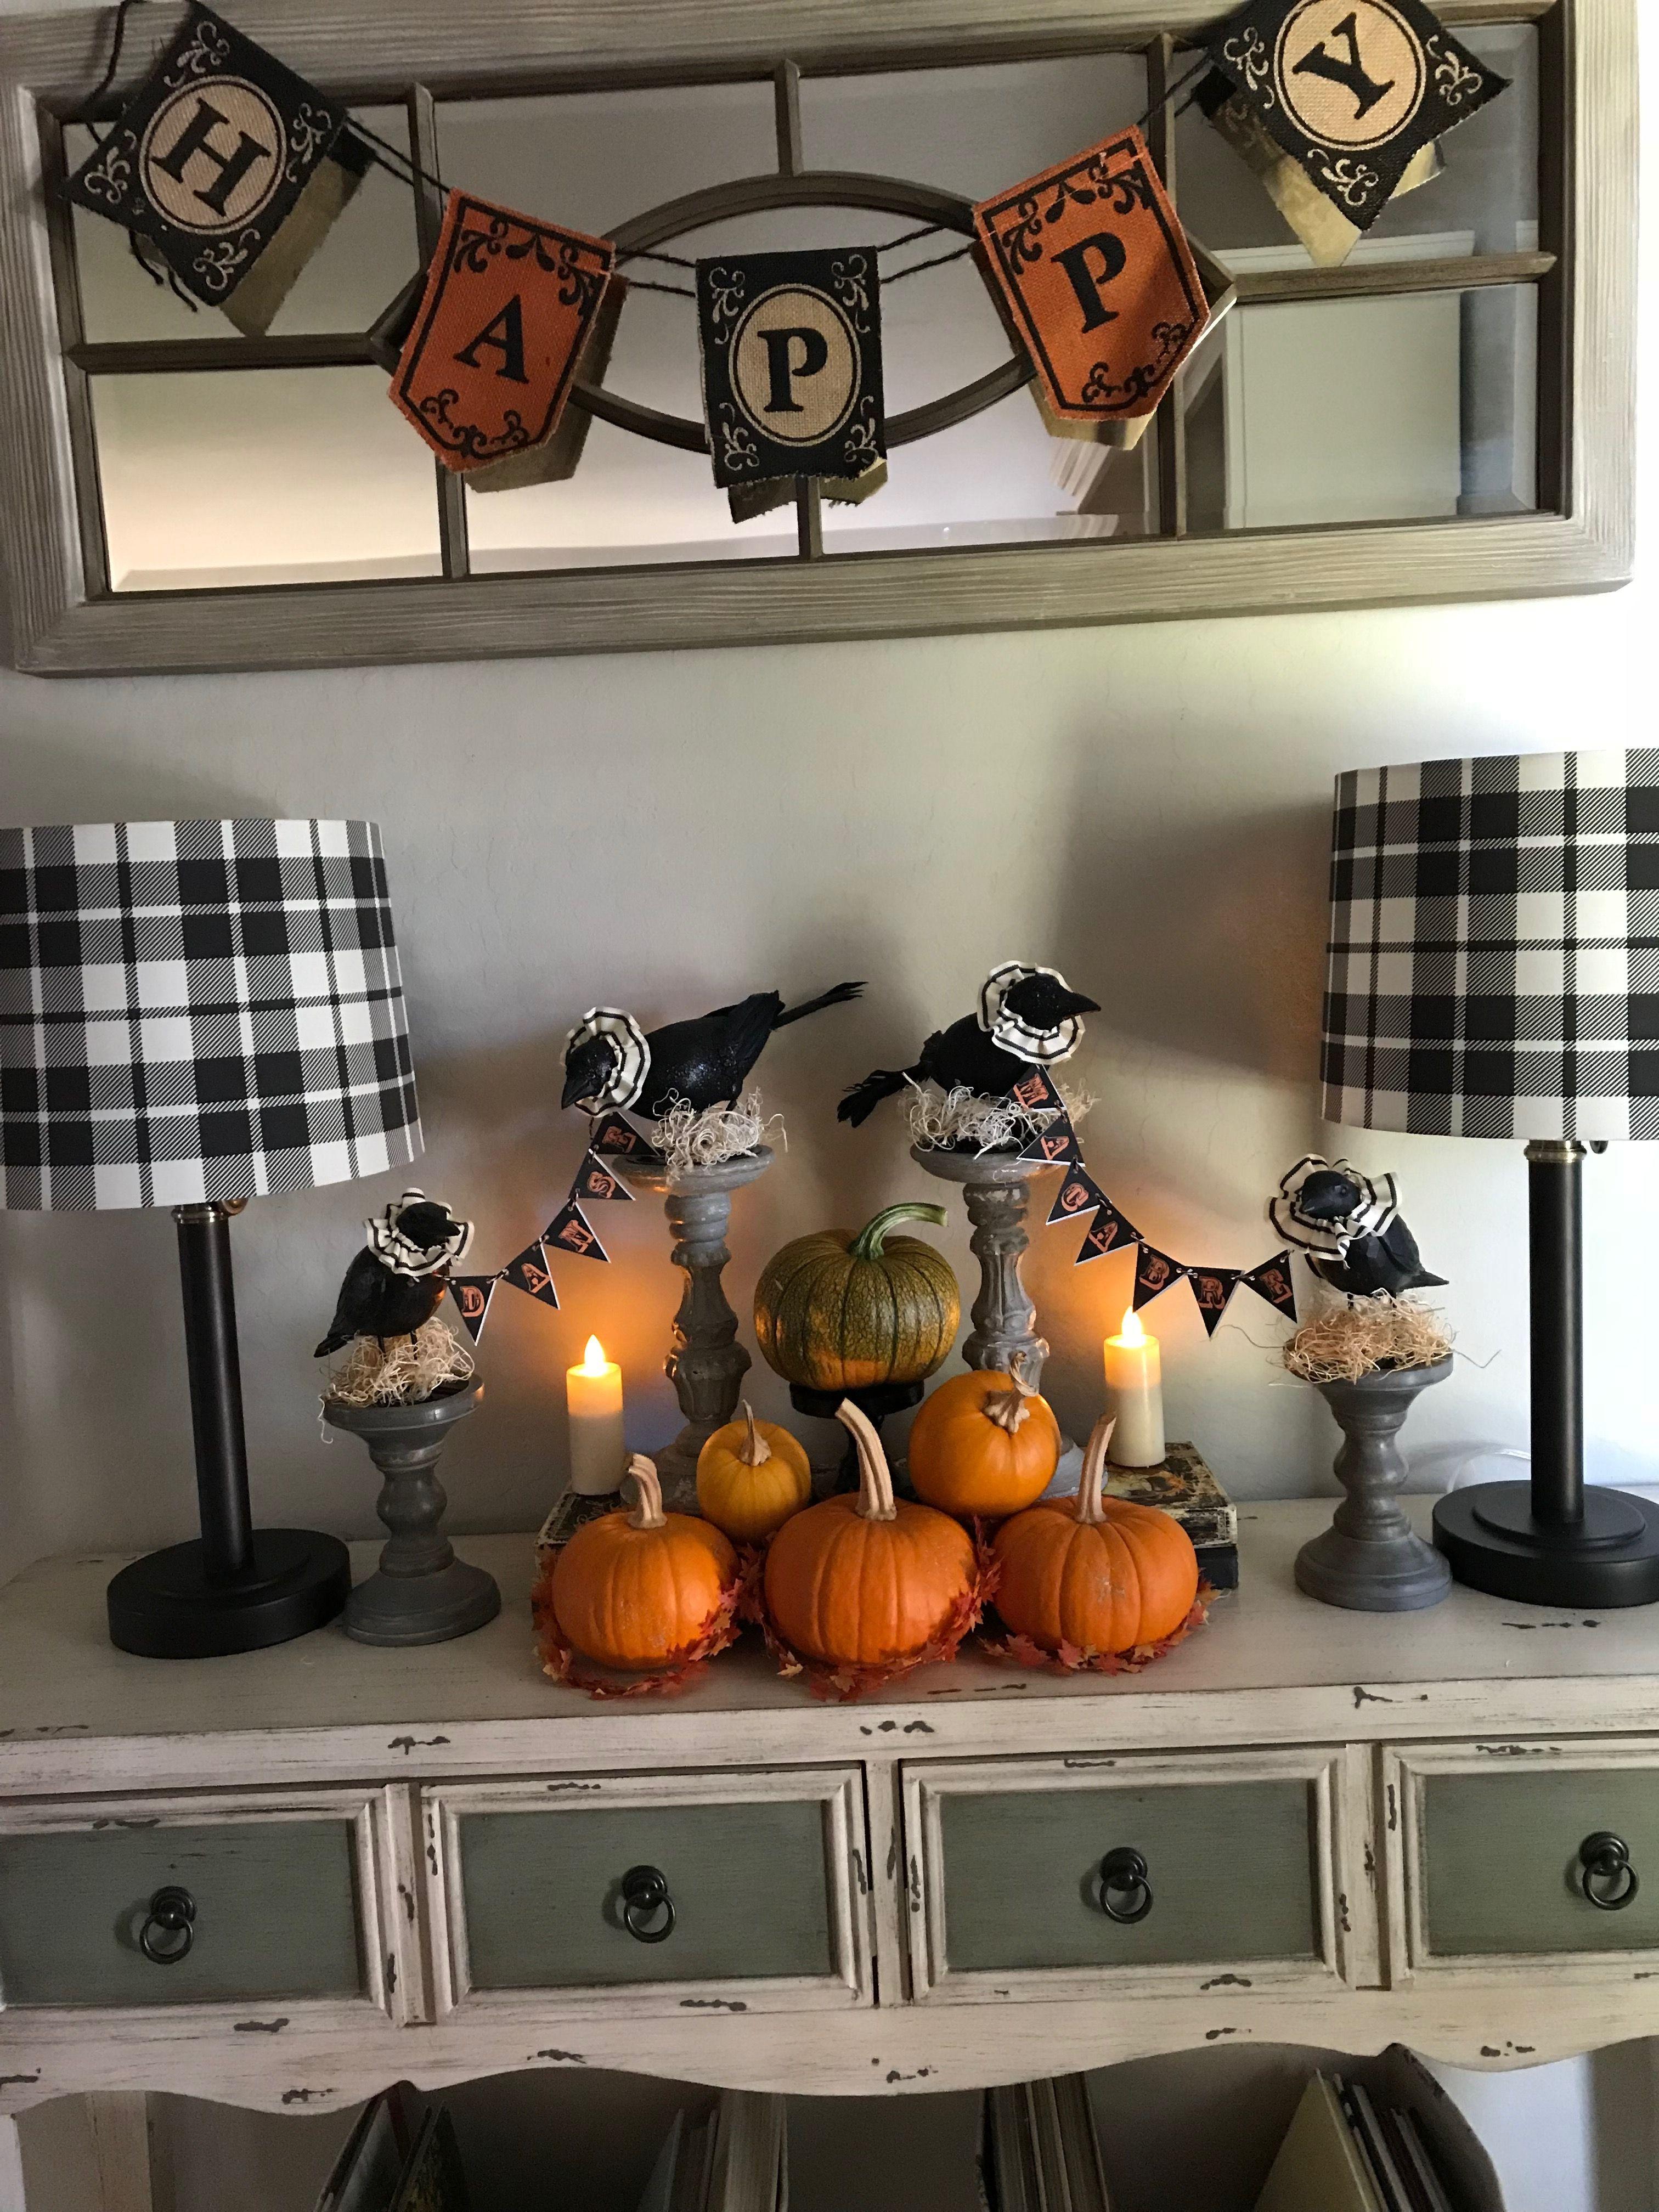 Как украсить дом, комнату, квартиру на хэллоуин своими руками: идеи и фото праздничного декора